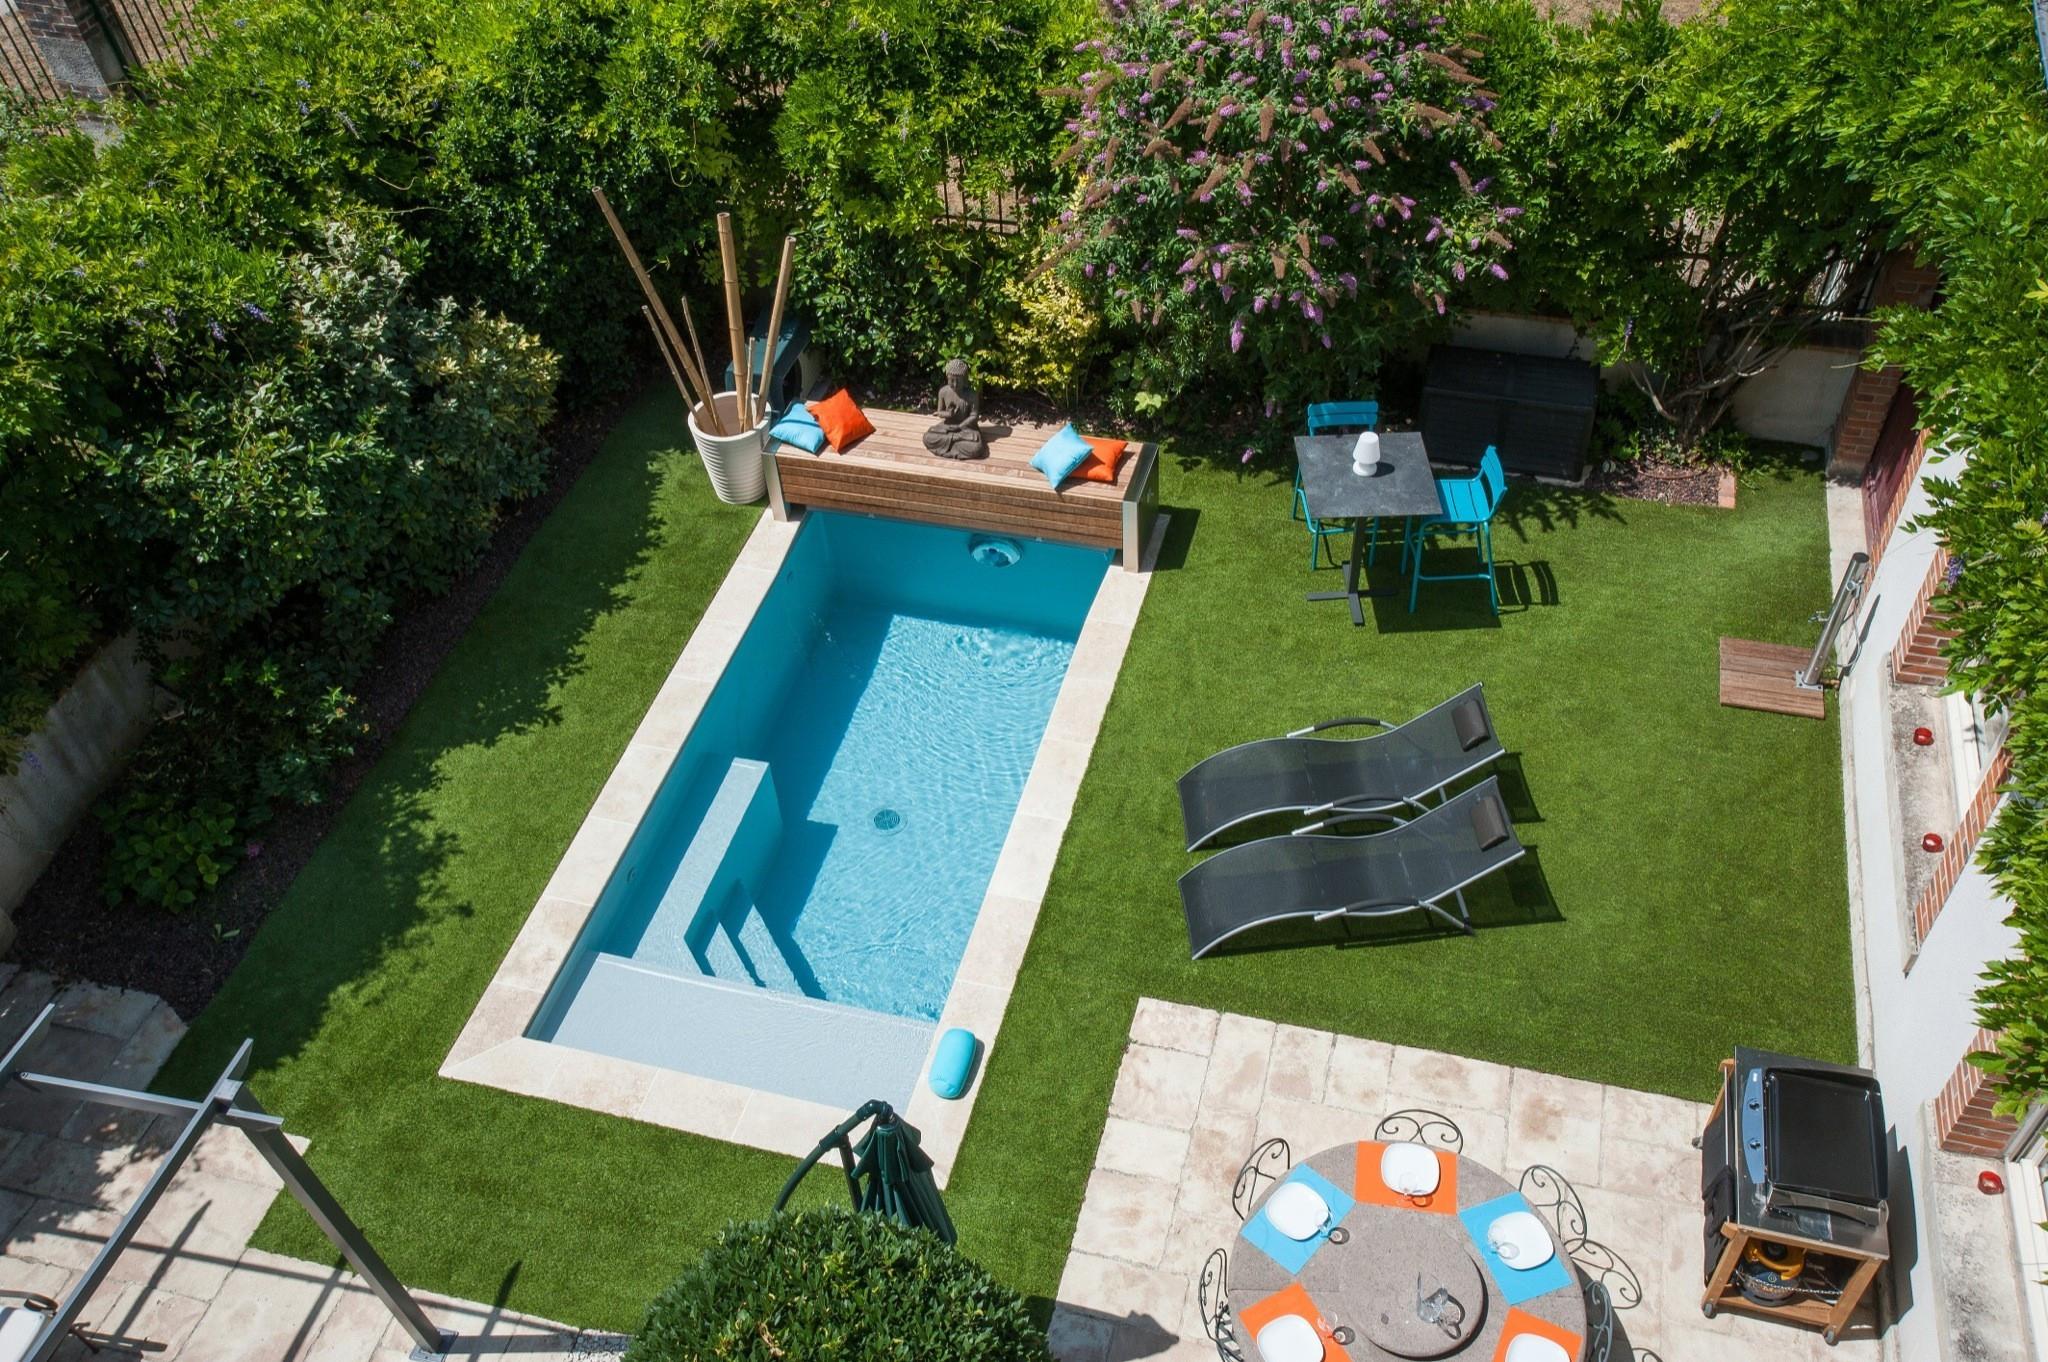 Decoration Exterieur Jardin Moderne Beau Stock Idee De Deco De Jardin Ainsi Que Cool Moderne Decoration Pour